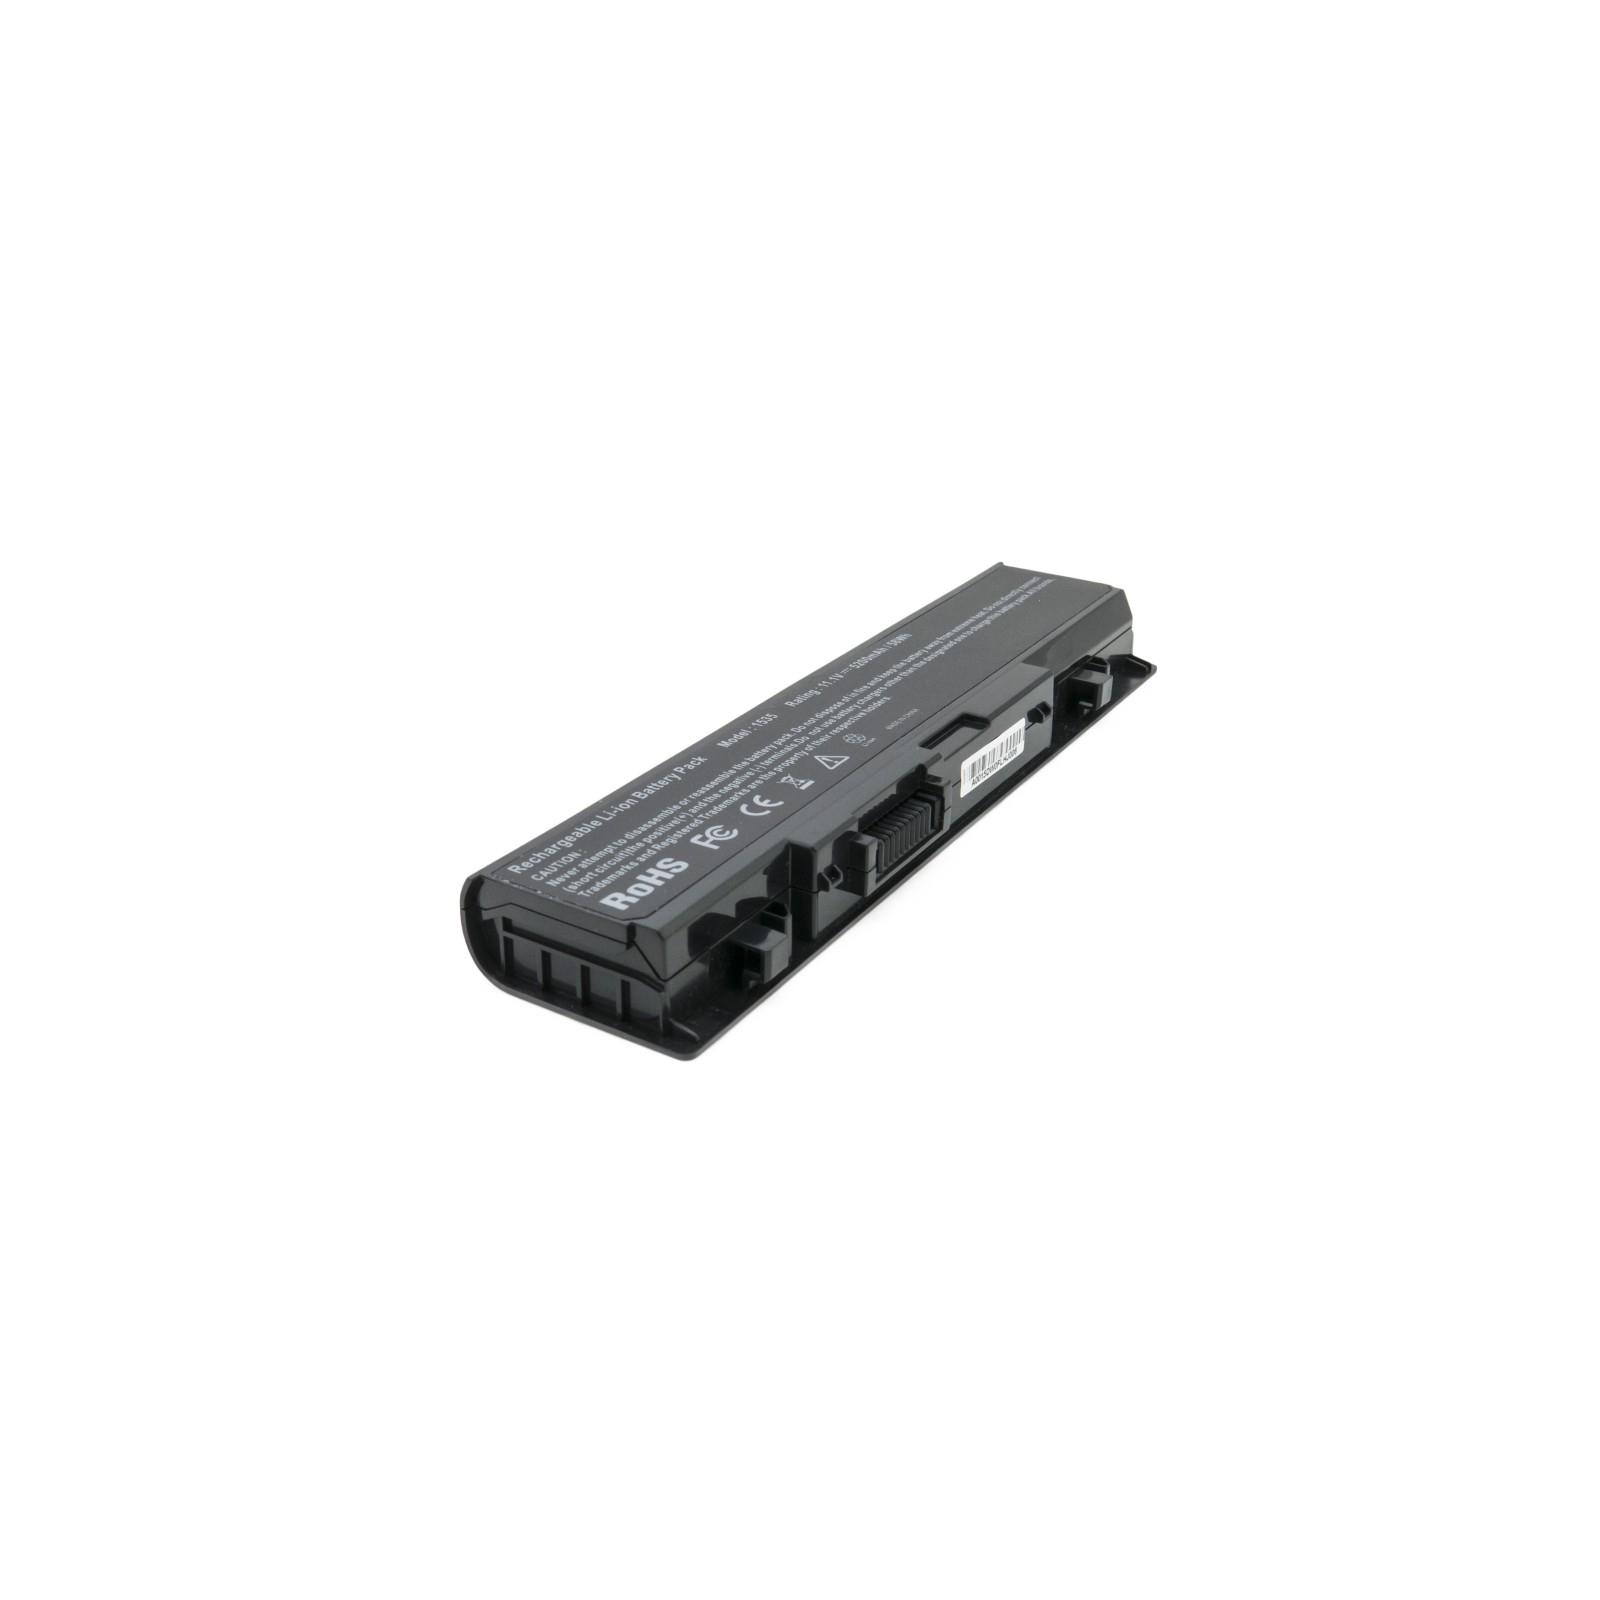 Аккумулятор для ноутбука Dell Studio 1535, 5200 mAh EXTRADIGITAL (BND3930) изображение 2